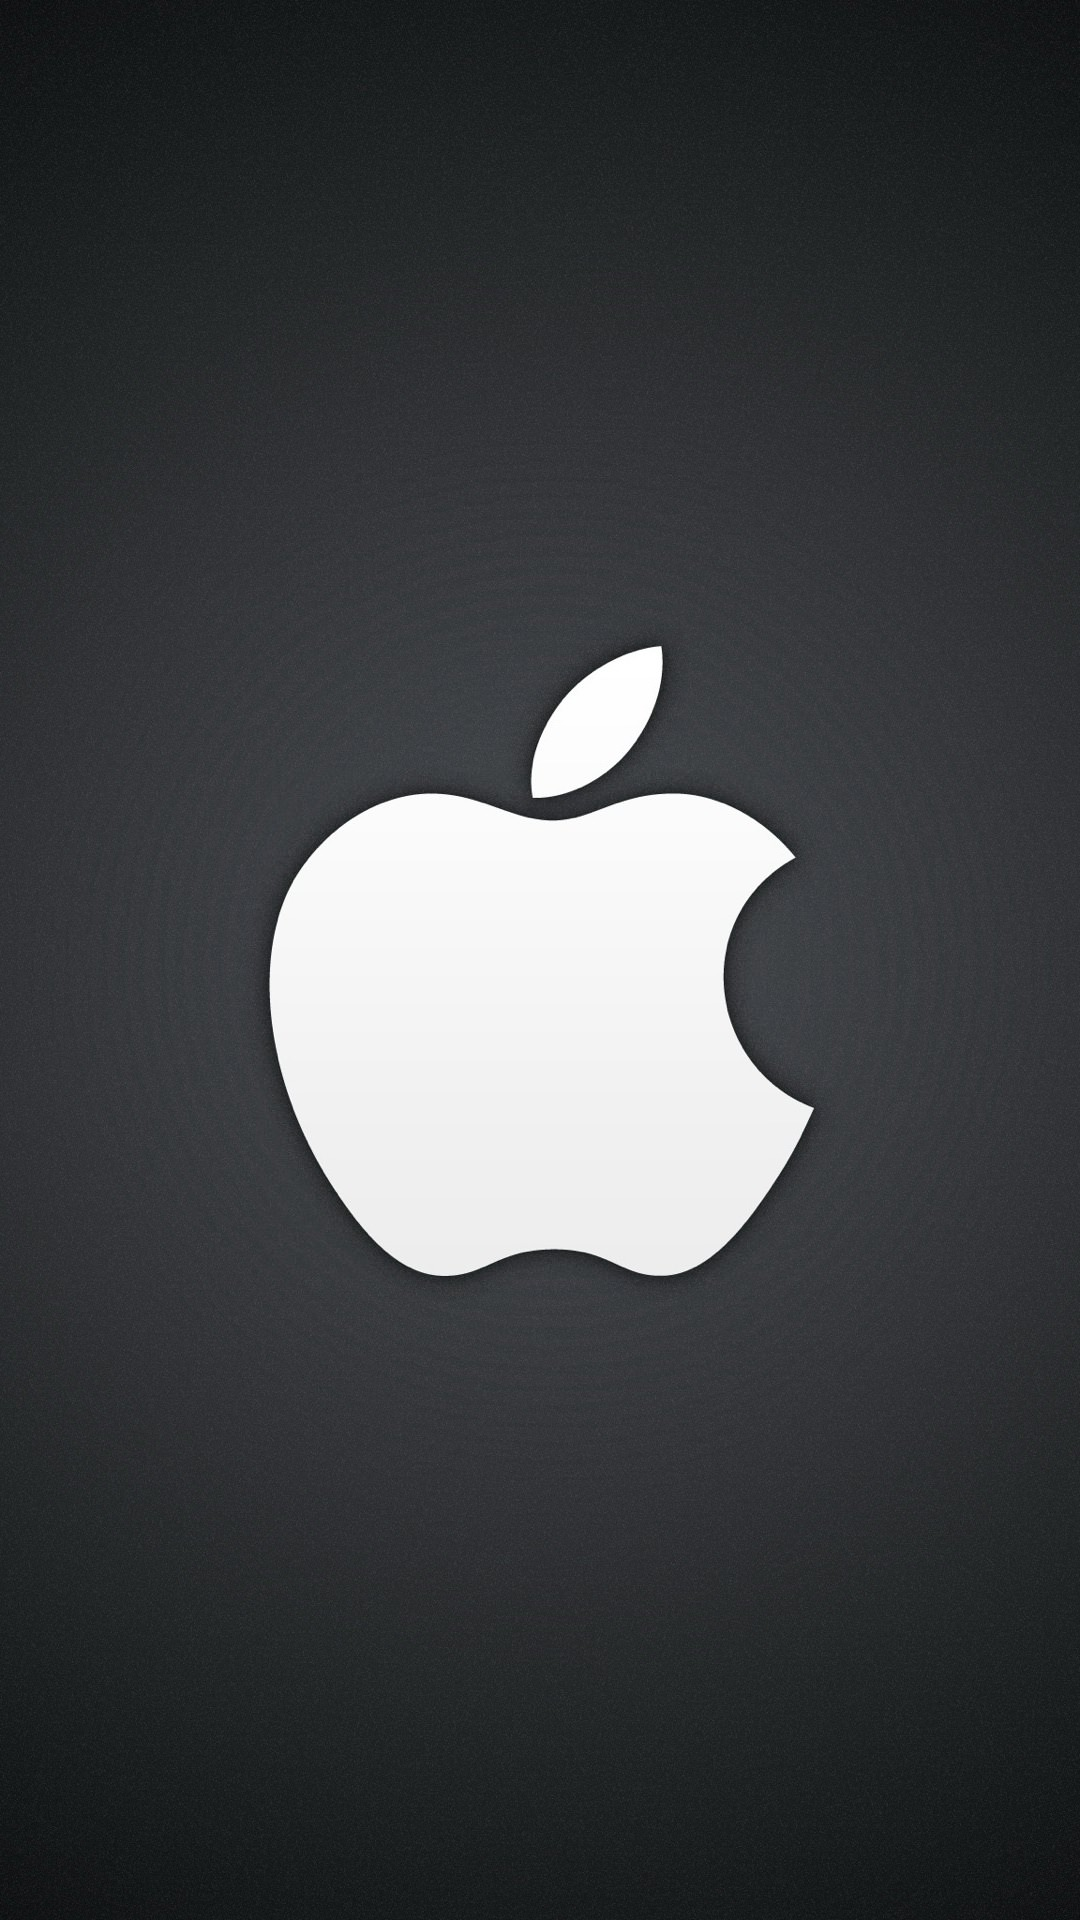 Download 700 Wallpaper Apple.com  Terbaik